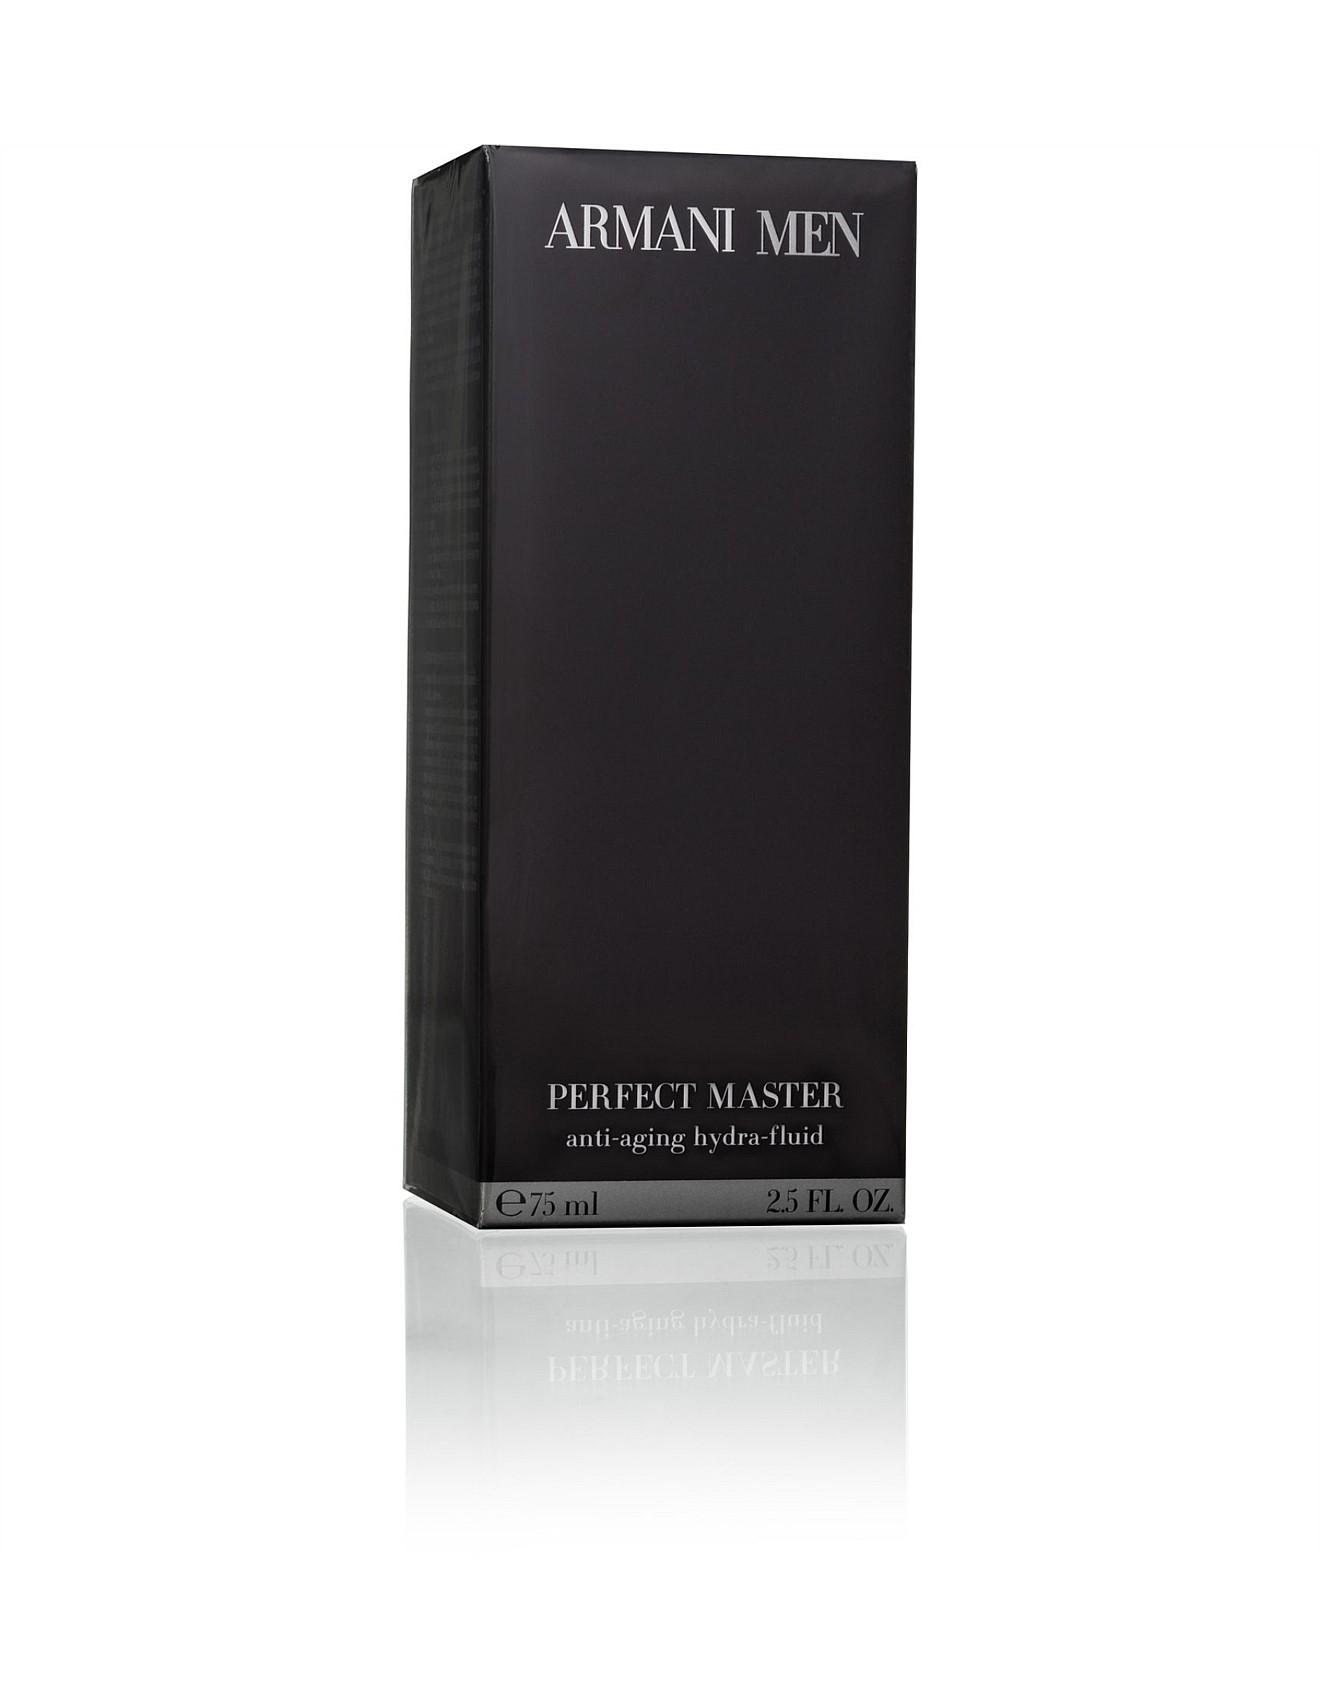 d10215967d9 Armani Men Hydra Master 75ml